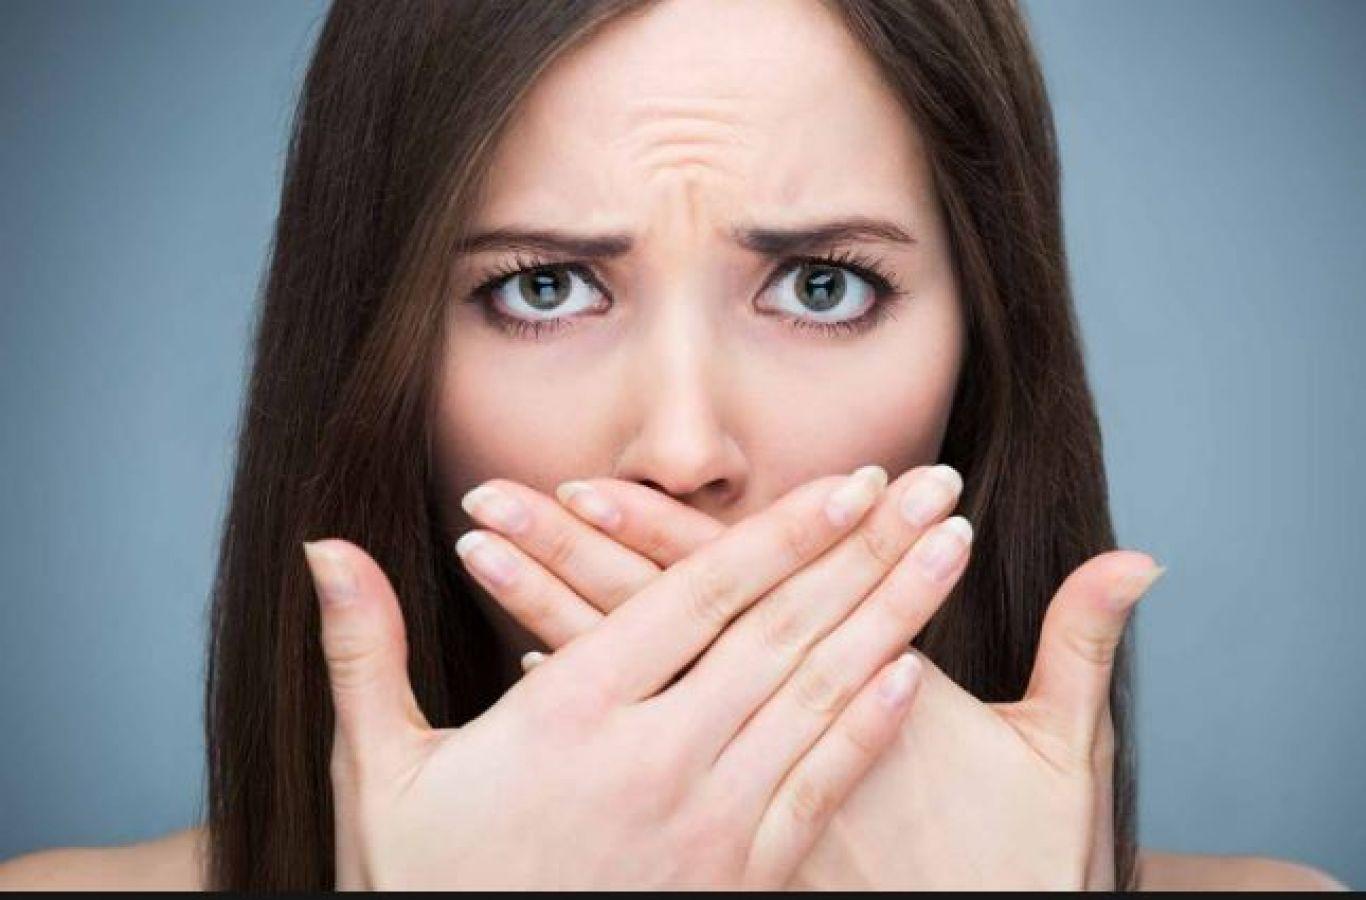 सांस की दुर्गन्ध को इन तरीकों से करें दूर, नहीं होंगी शर्मिंदा